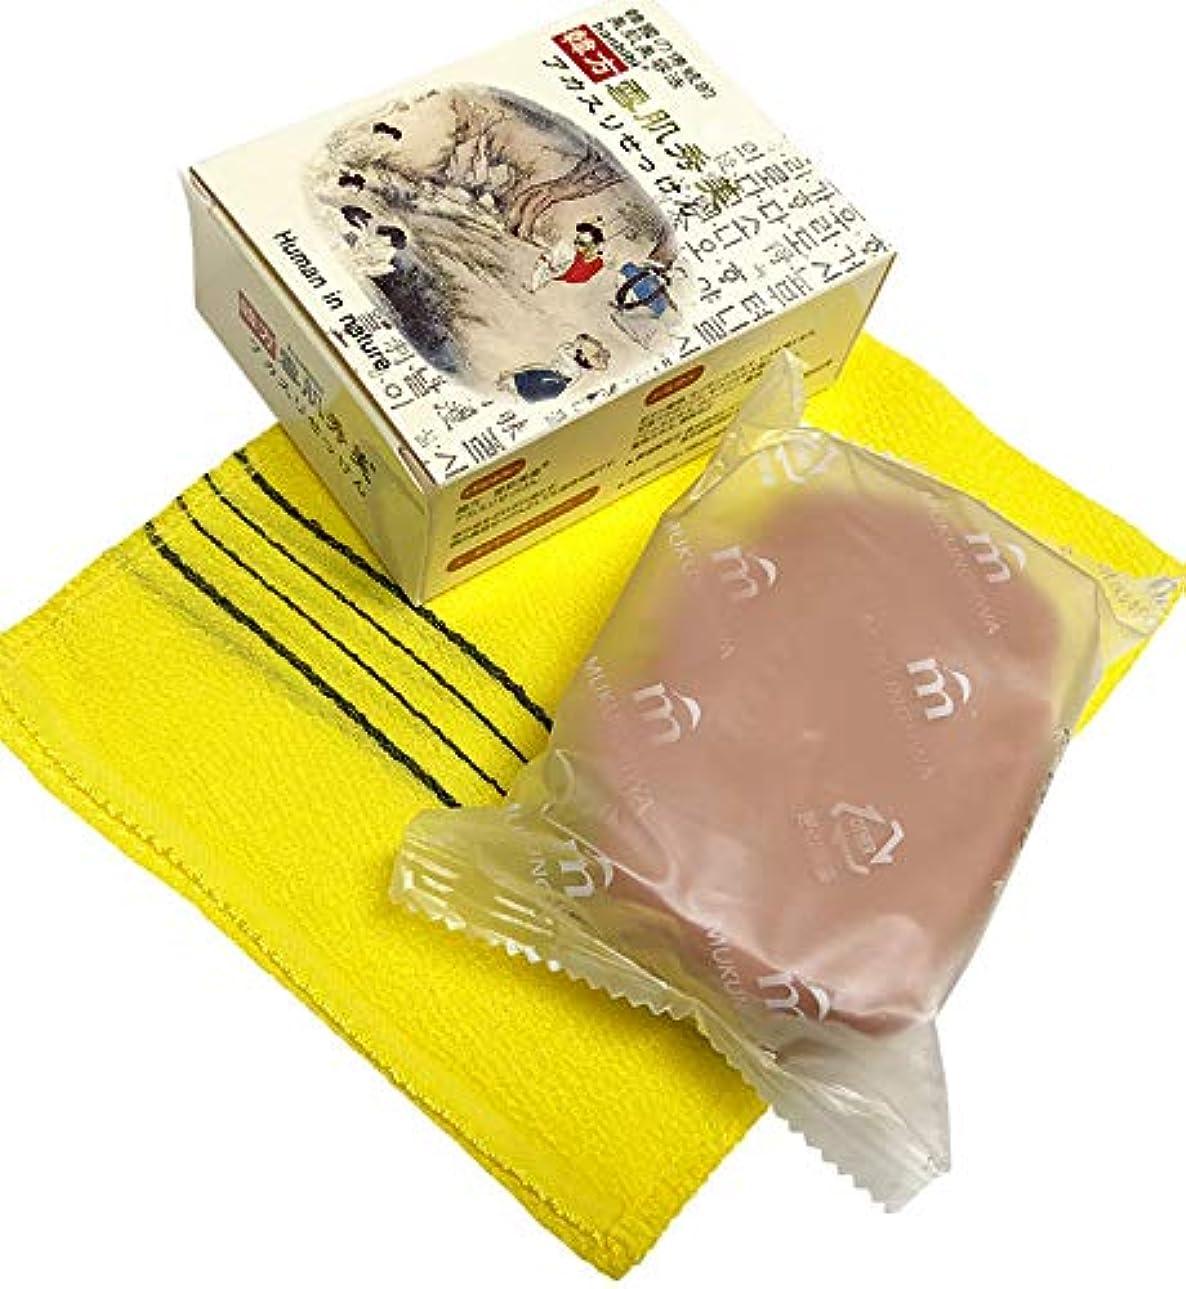 クリップ蝶夕暮れまた明日ね顔、体兼用、蜂蜜香りの韓方石ケン、韓国コスメ 韓方[雪肌美]蜂蜜アカスリせっけん アカスリ専用タオル付き